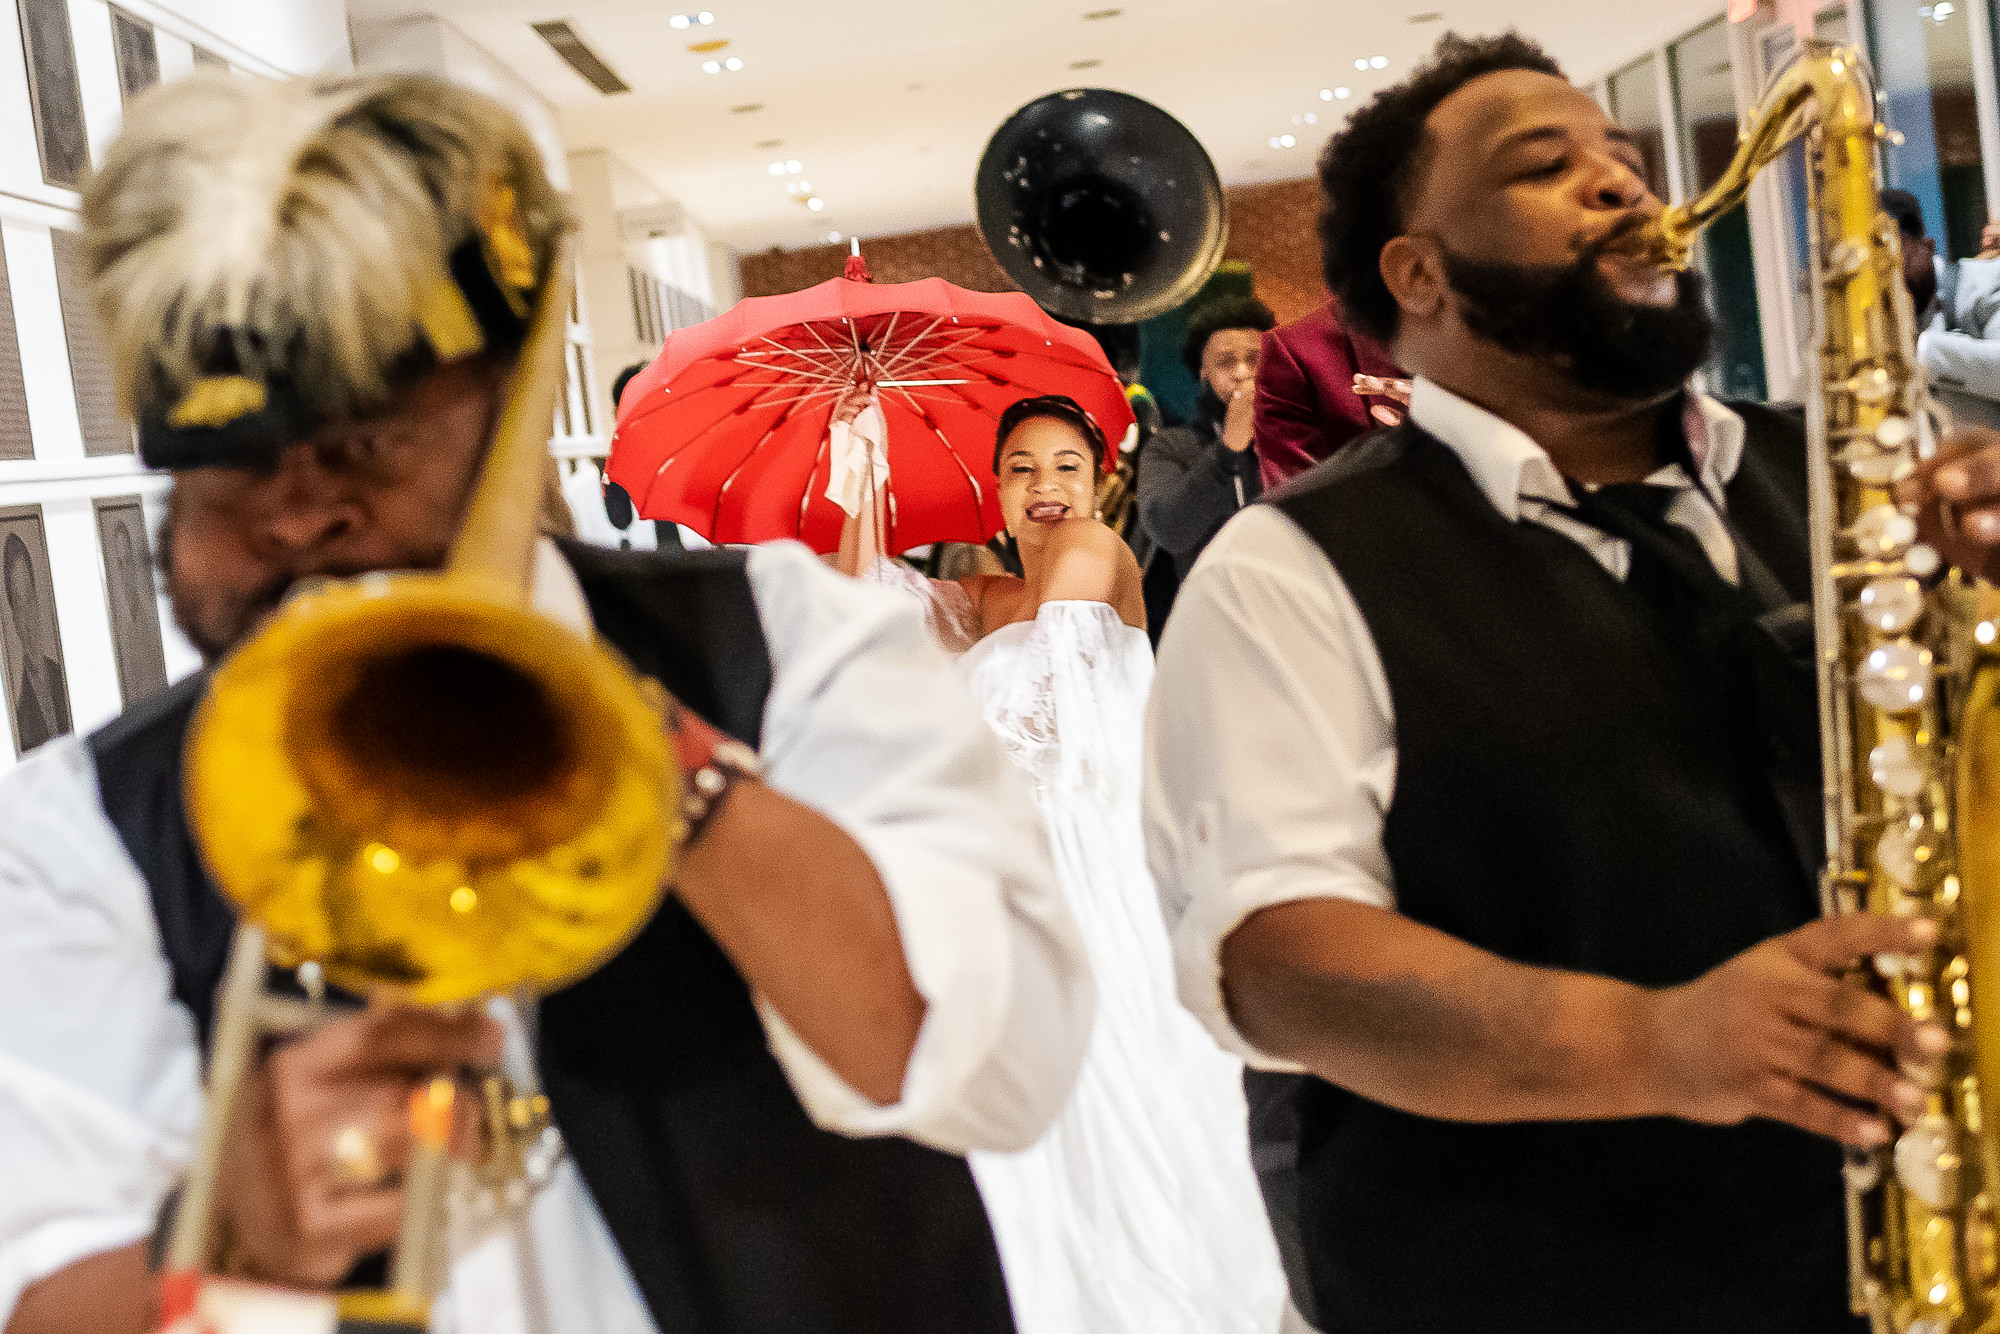 043-043-christopher-jason-studios-university-of-maryland-wedding-raheem-Devaughn-african-american-bride-and-groom.jpg